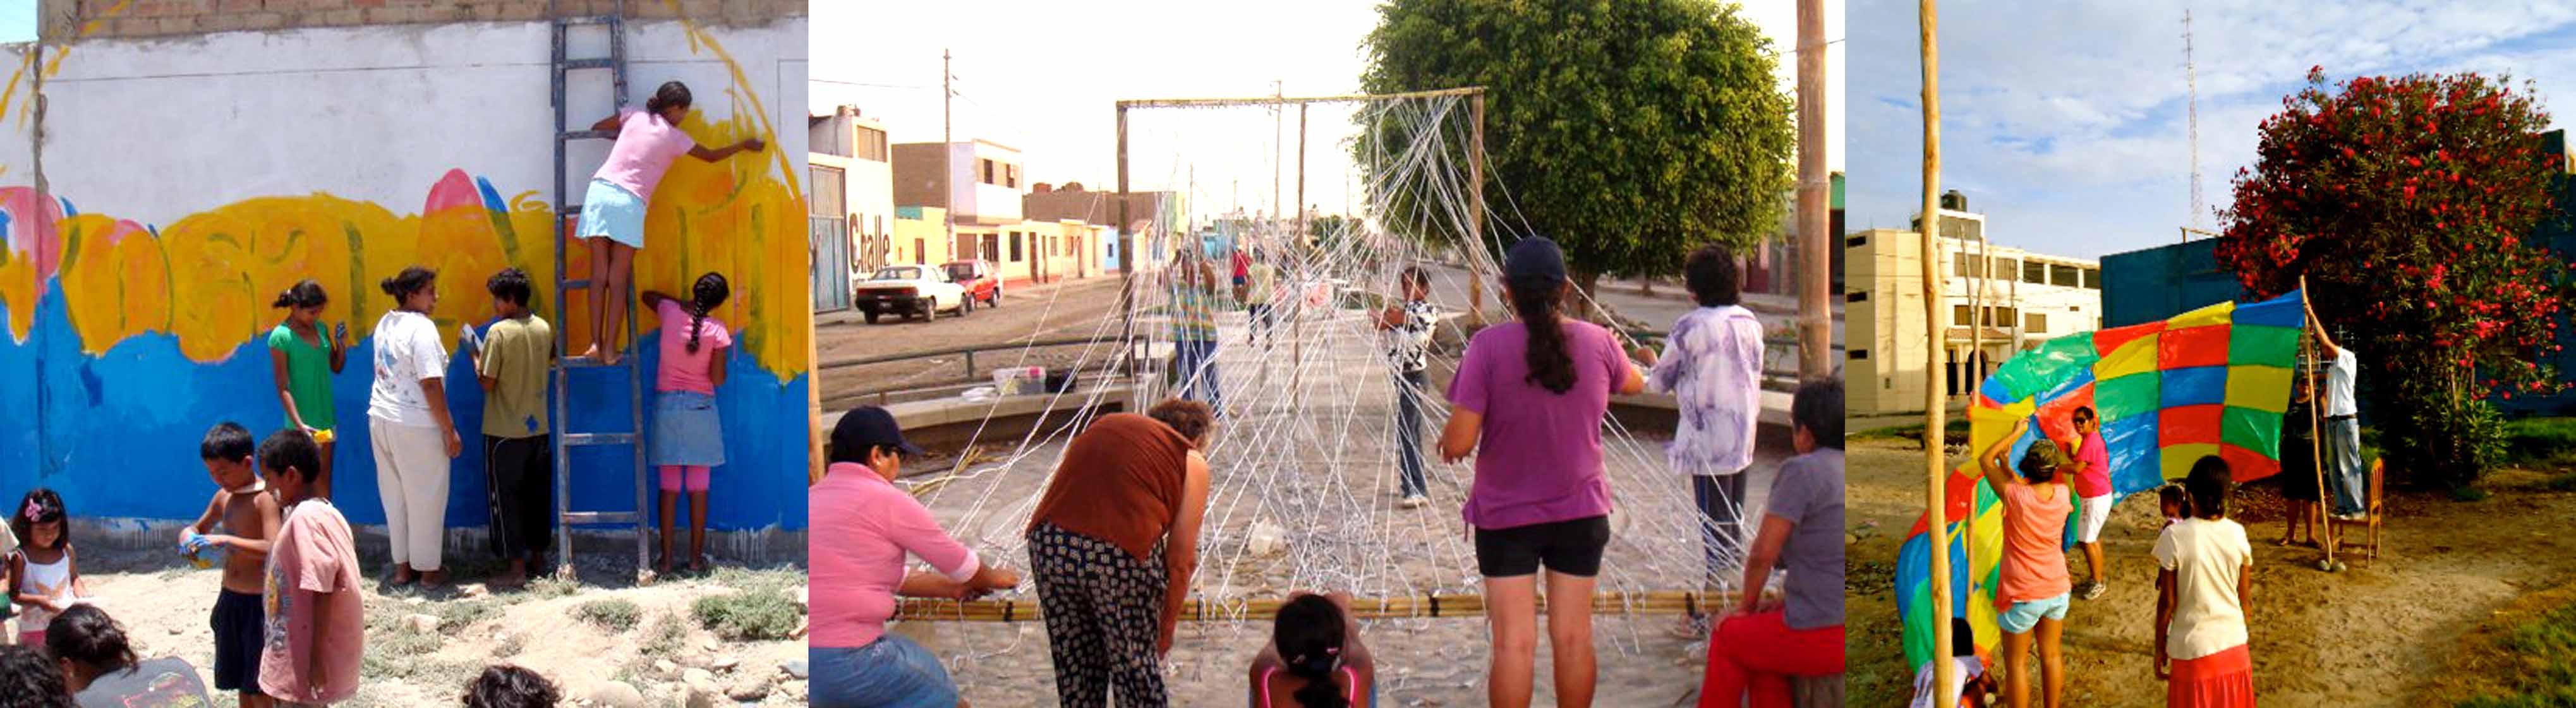 Curso Conexiones Urbanas 2 - Facultad de Arquitectura y Urbanismo PUCP